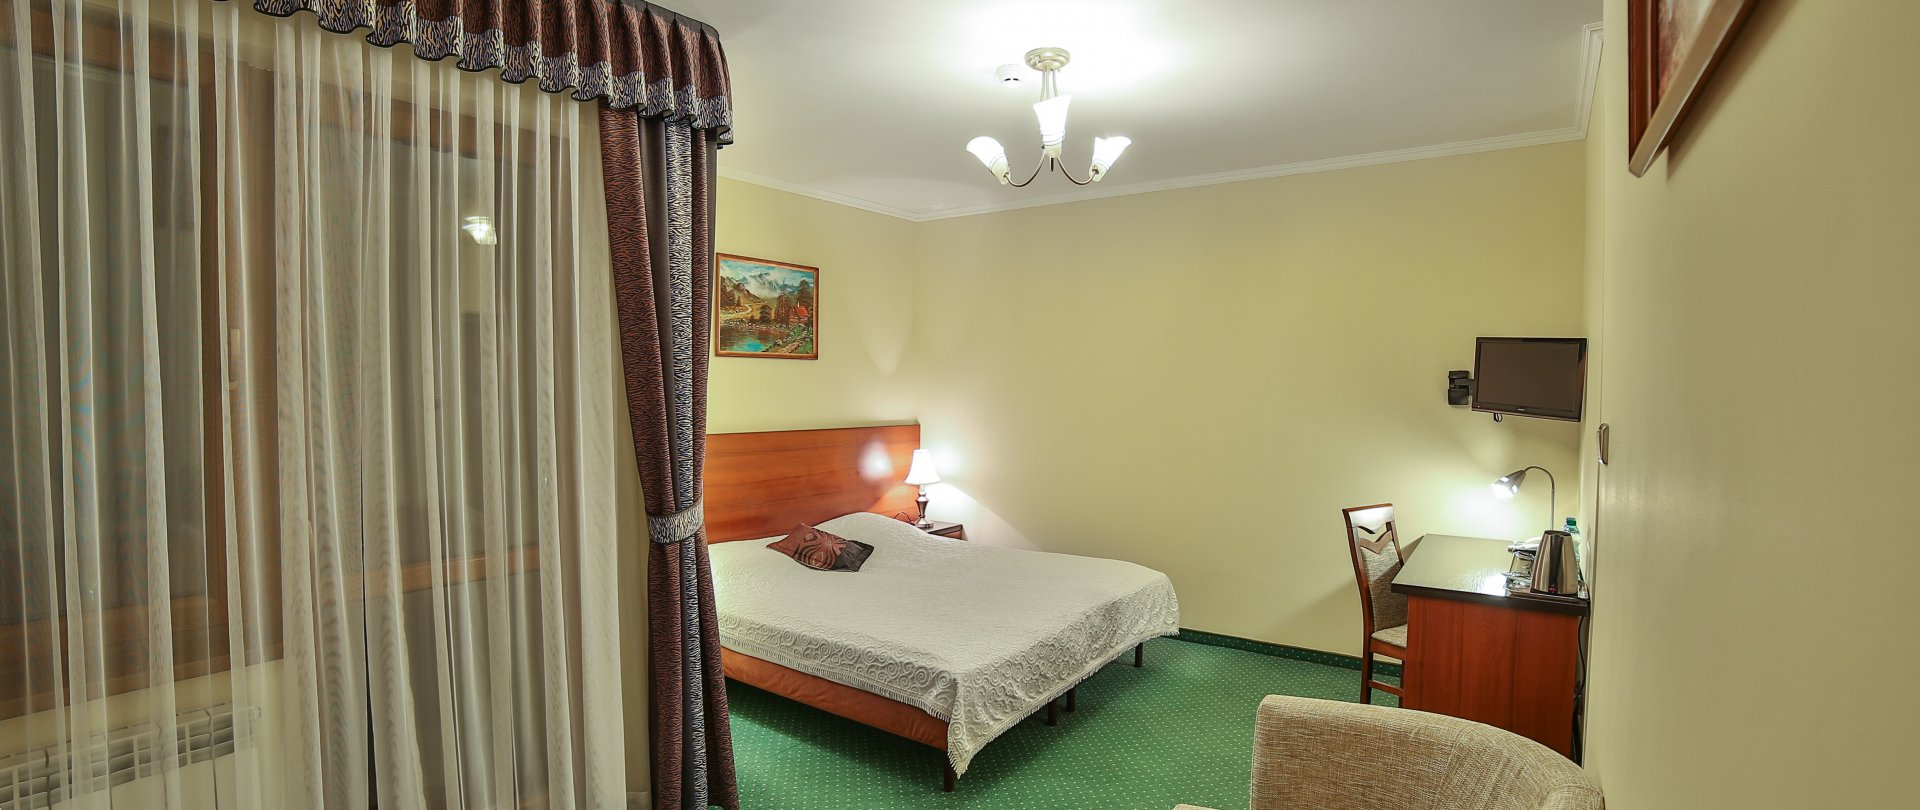 Deluxe Doppelzimmer mit Queensize-Bett